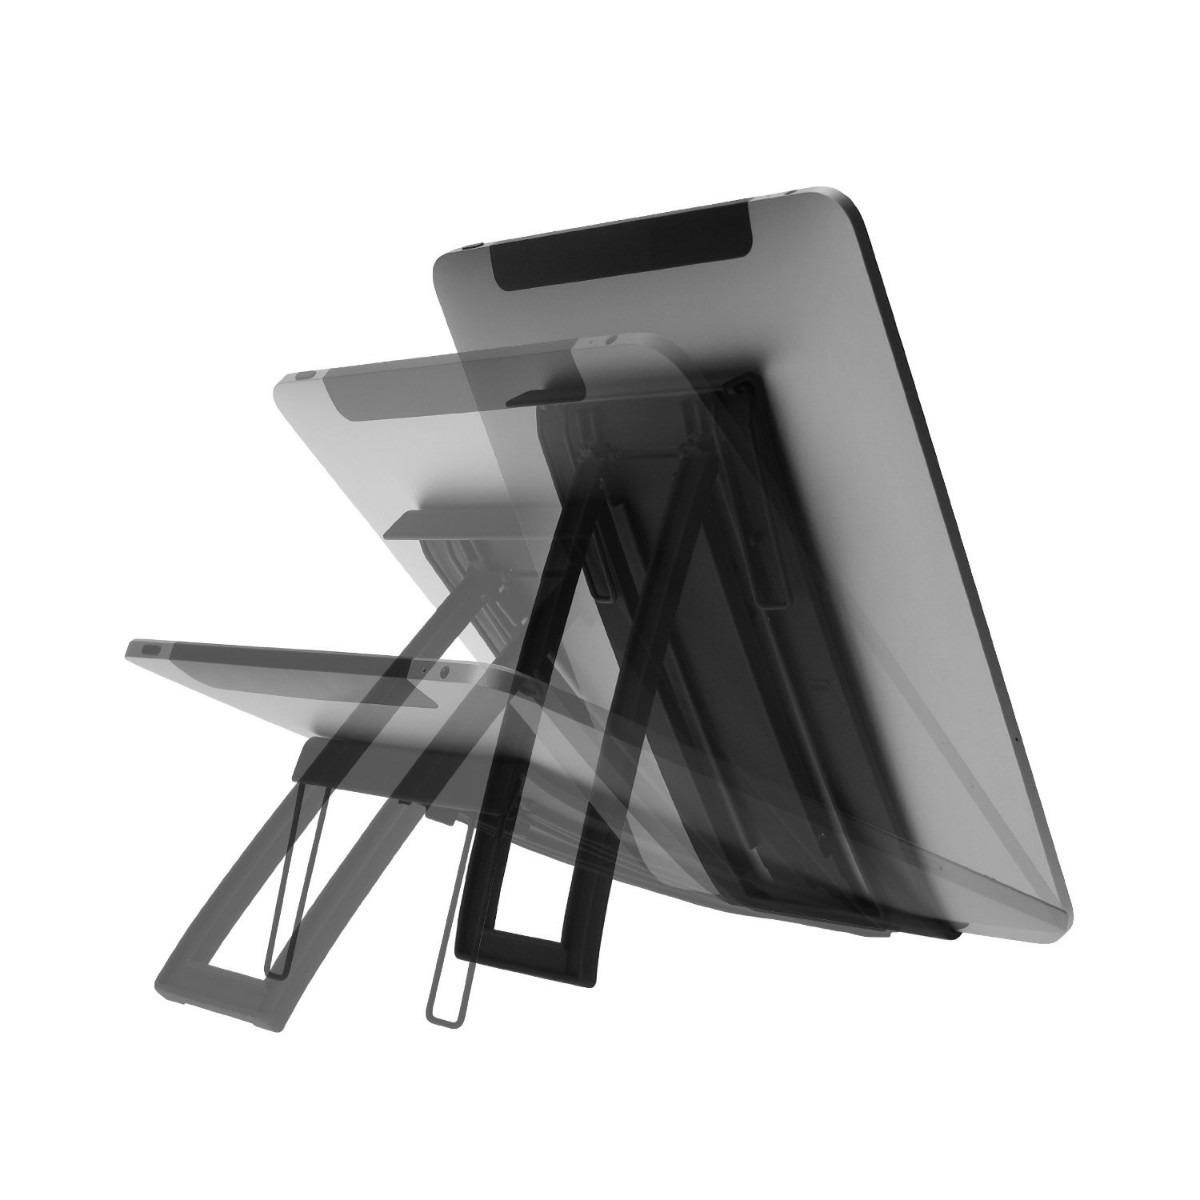 Base soporte para tablet de 10 pulgadas en - Soporte para tablet ...